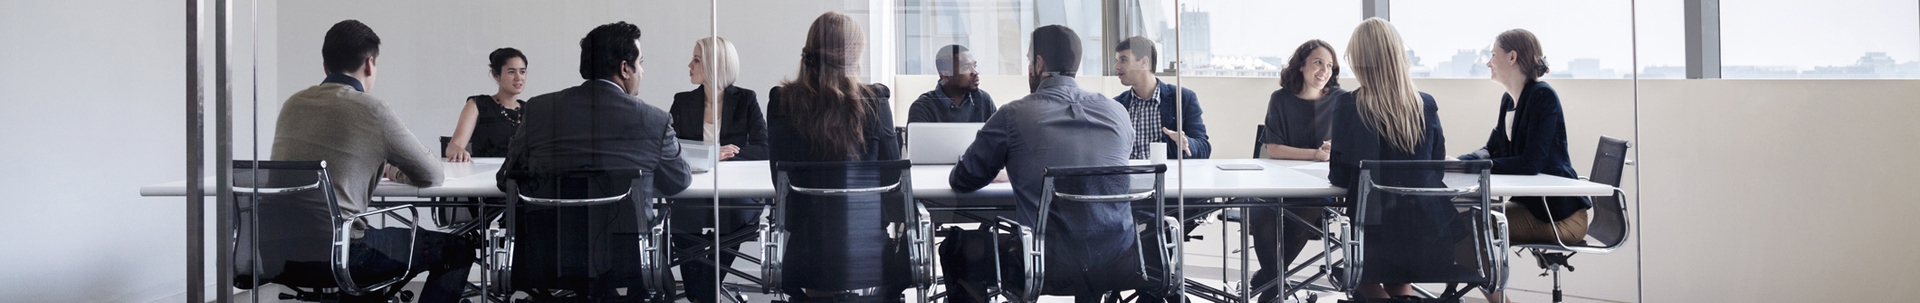 Comité d'évaluation des ordonnances relatives au dialogue social et aux relations de travail